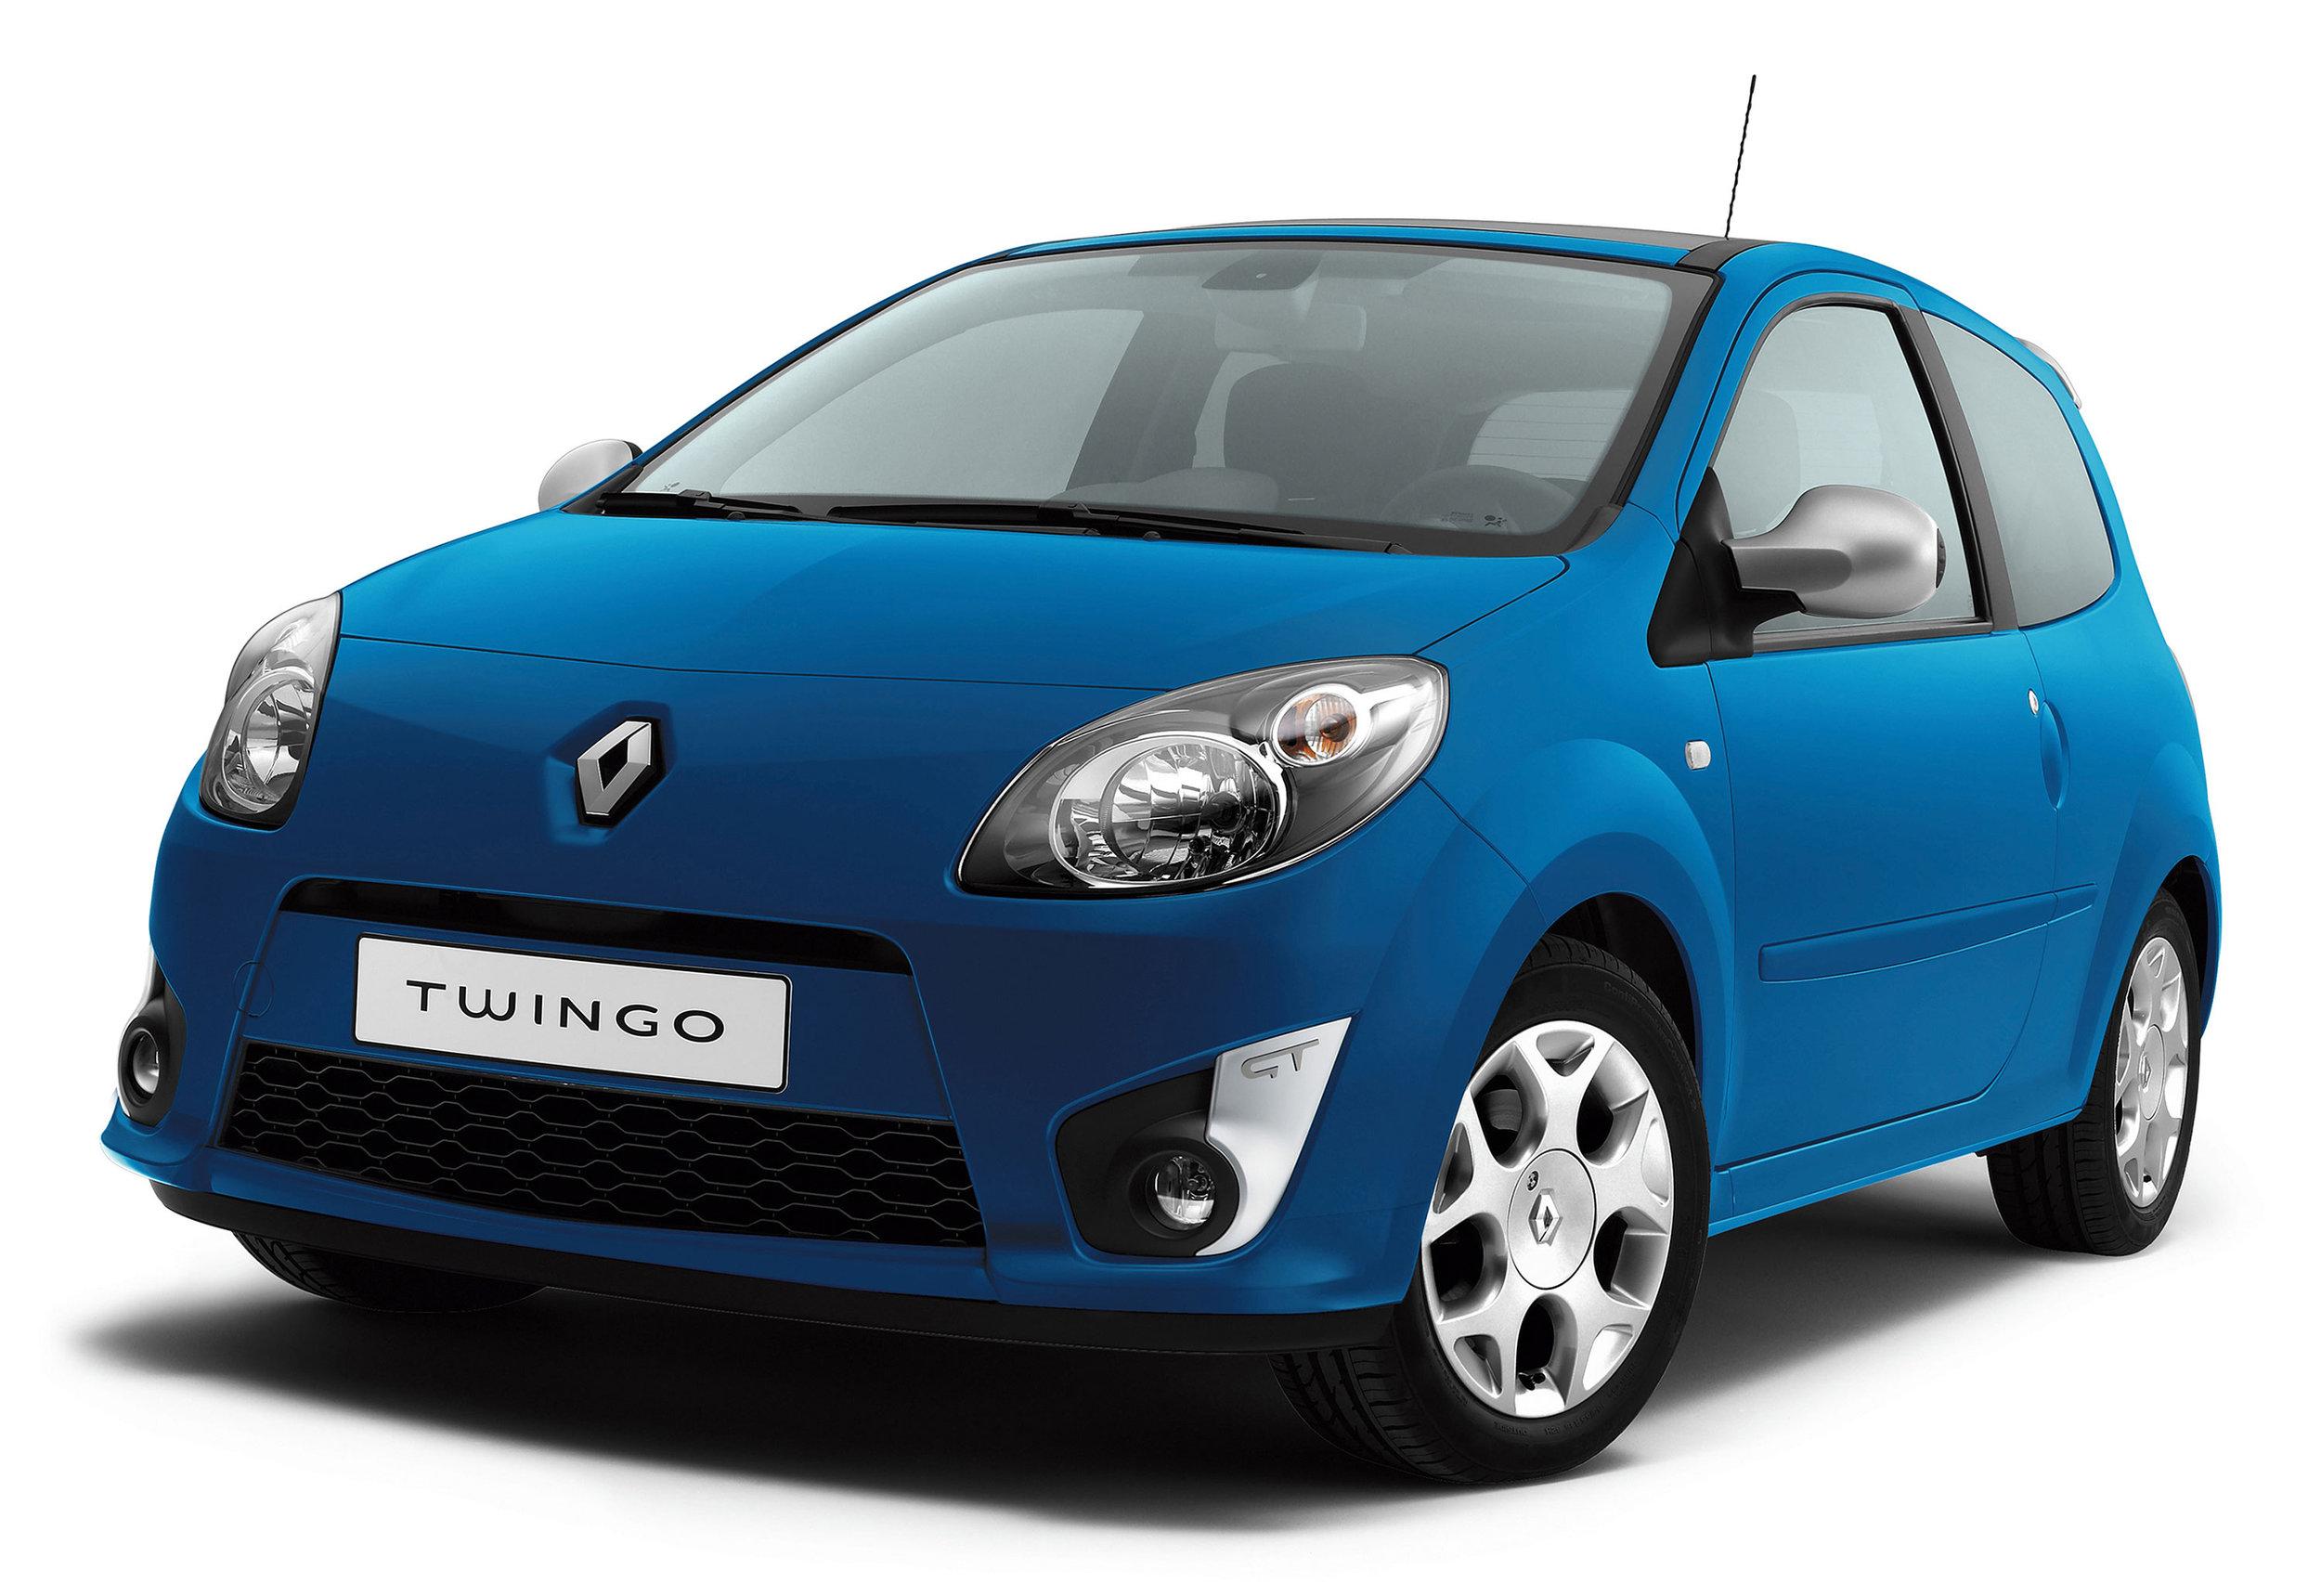 Renault-Twingo-01.jpg